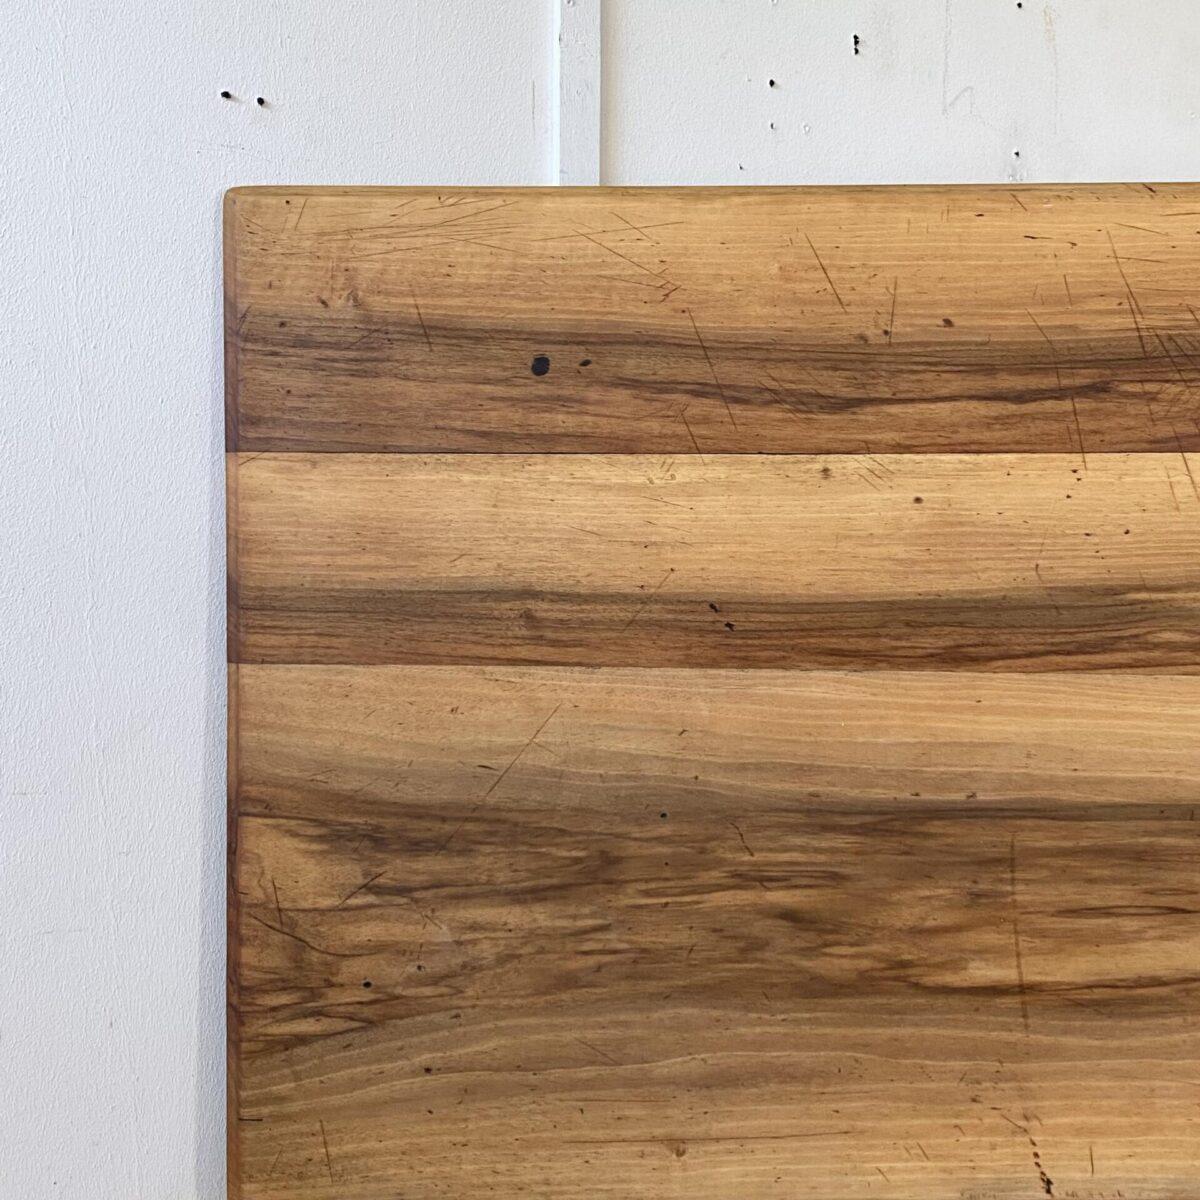 Deuxieme.shop Nussbaum Biedermeiertisch mit gedrechselten Rundbeinen. 170x73.5cm Höhe 75cm. Tischblatt mit Karniskante und diversen Gebrauchsspuren und Patina. Tischbeine Buchenholz, die Zargen sind Nussbaum furniert. Eine längszarge hat ein Furnier flick, gemäss letztem Bild. Ansonsten guter stabiler Allgemein Zustand, die Holzoberflächen sind mit Naturöl behandelt.